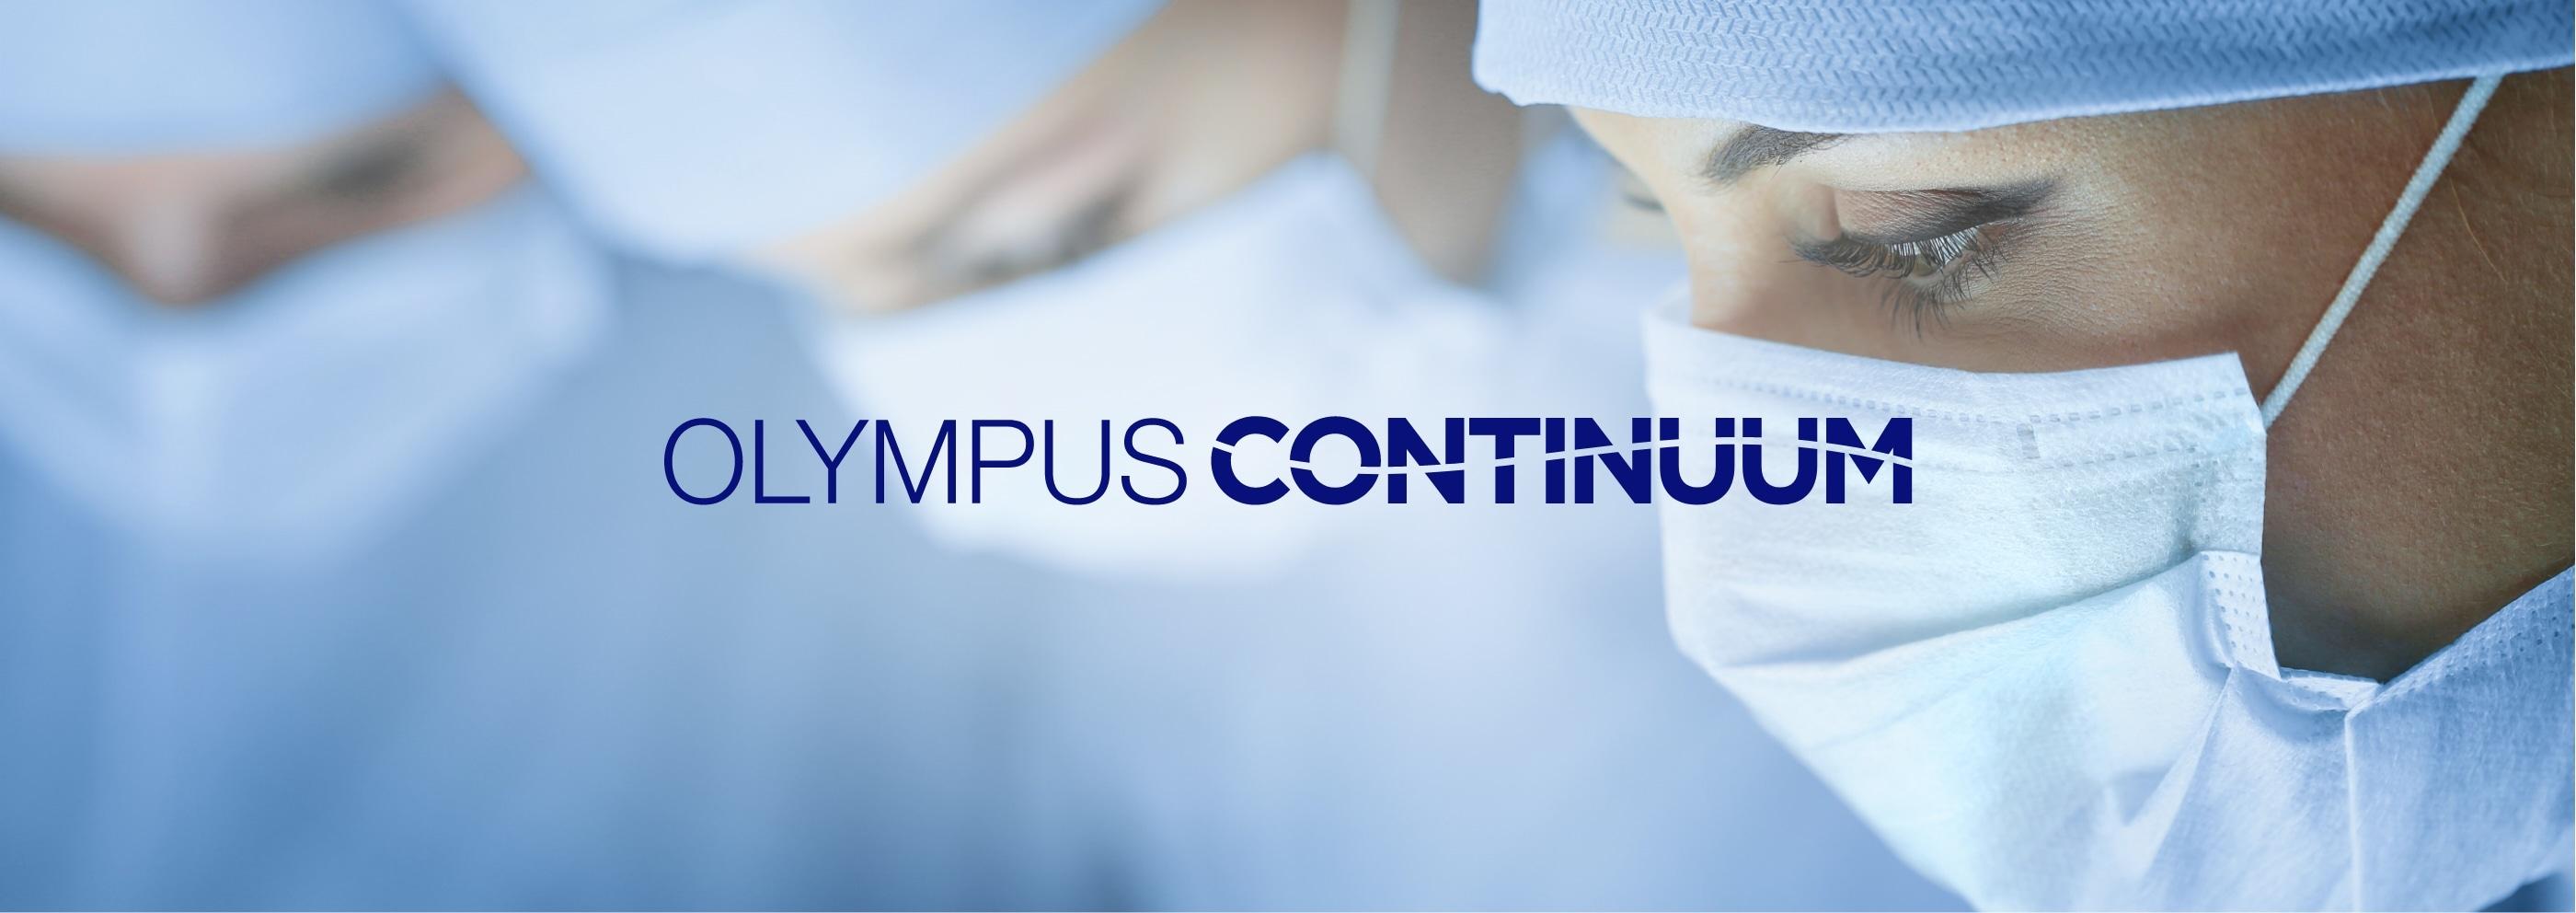 OLYMPUS CONTINUUM